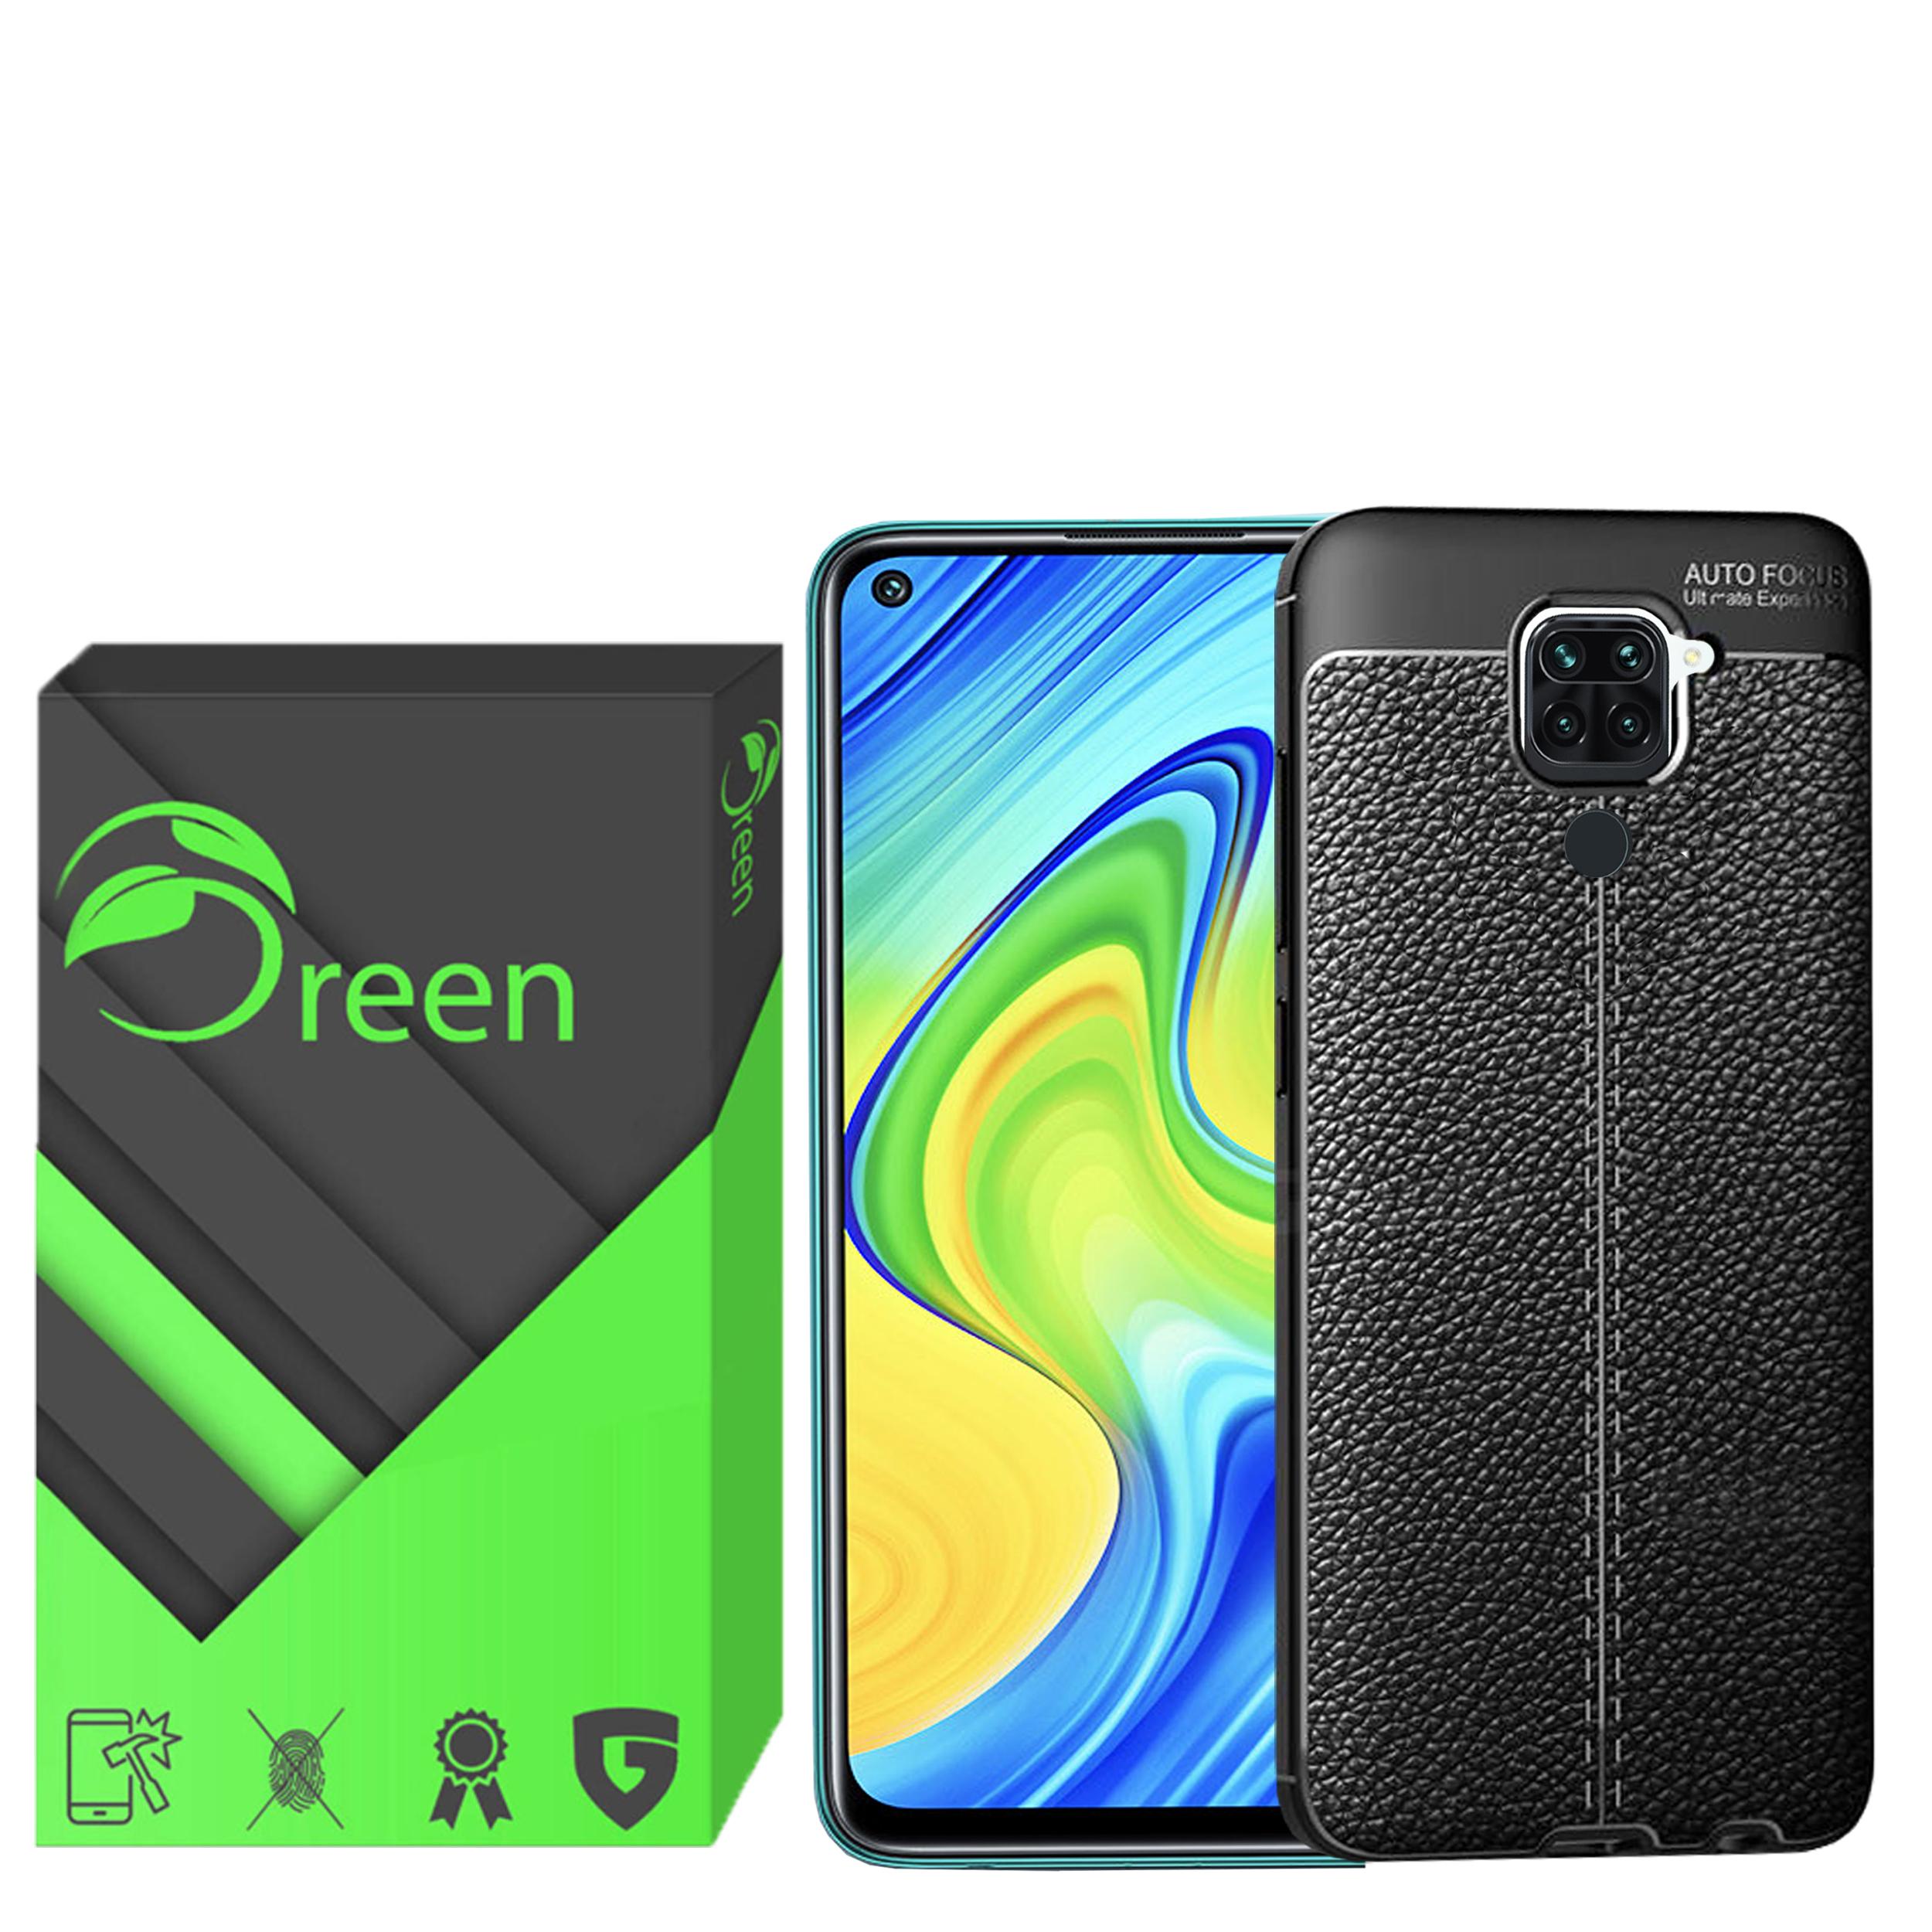 کاور گرین مدل AF-001 مناسب برای گوشی موبایل شیائومی Redmi Note 9              ( قیمت و خرید)